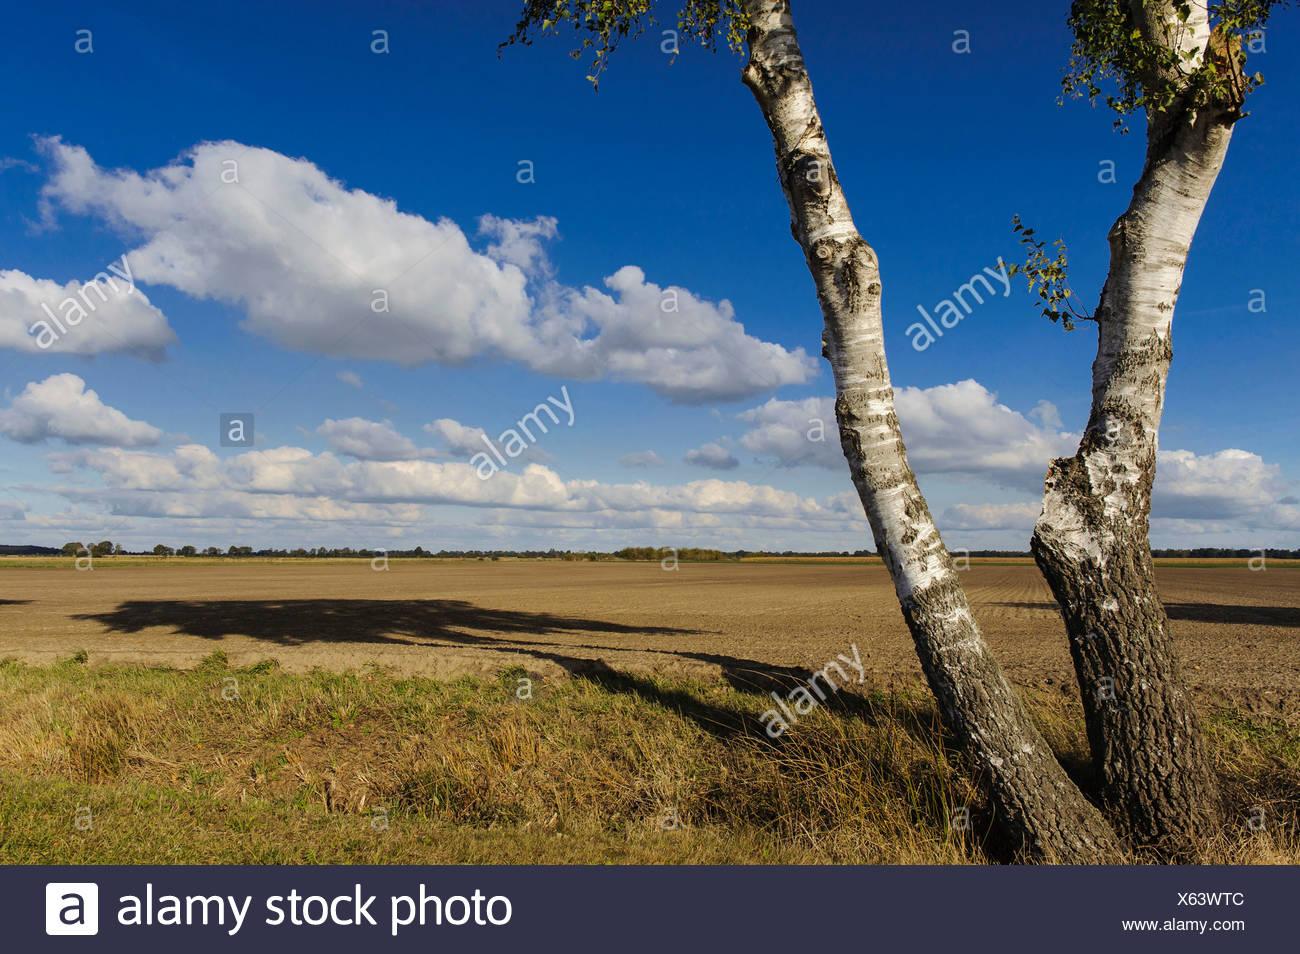 Birken im Marschland, Diepholzer Moorniederung, Landkreis Diepholz, Niedersachsen, Deutschland Stockbild